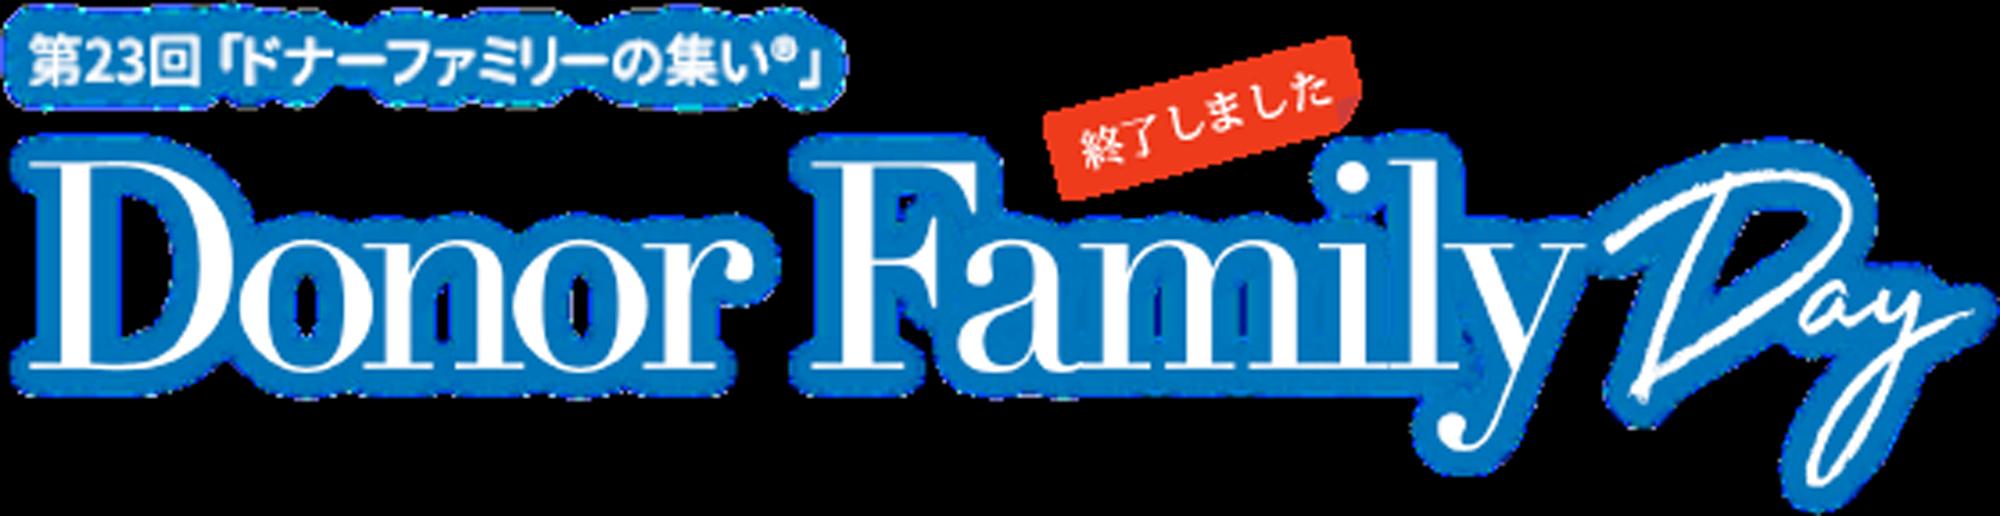 Donor Family Finish